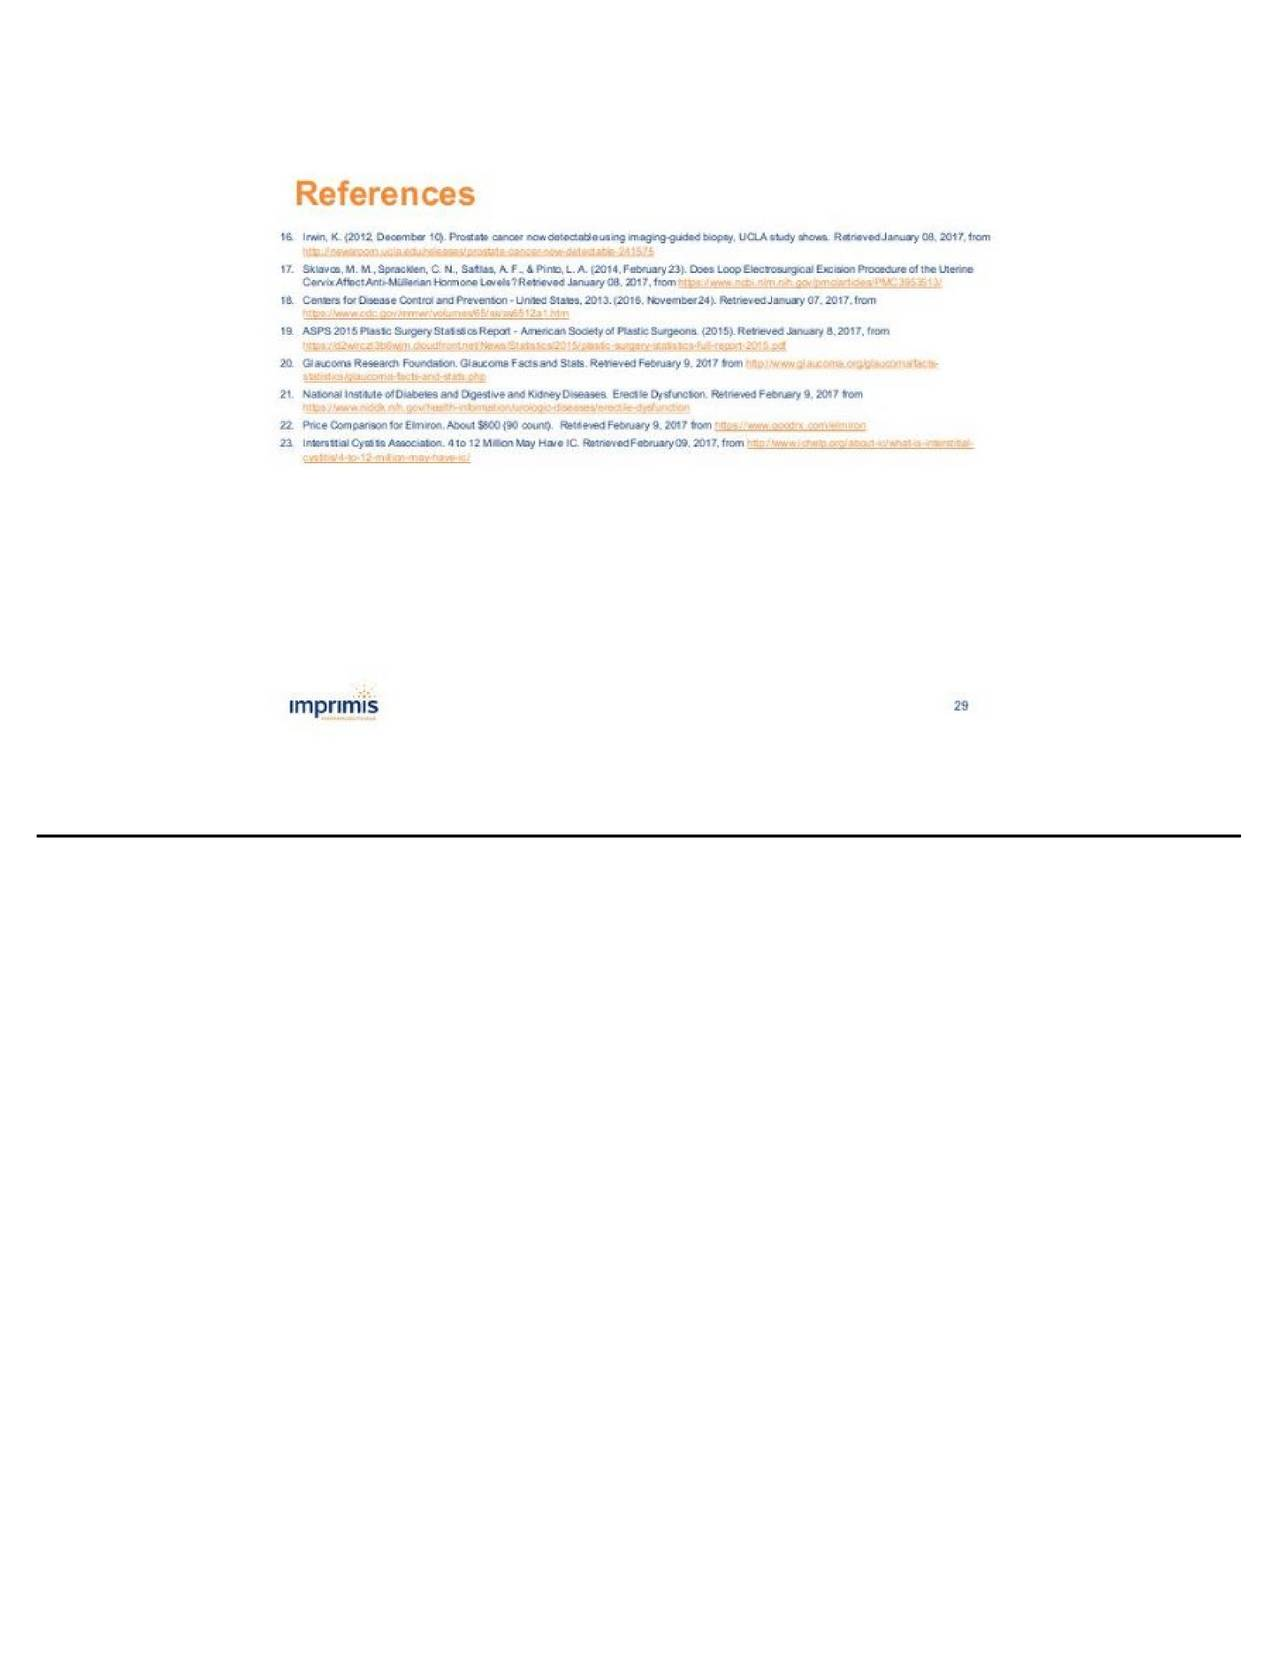 Imprimis Pharmaceuticals (IMMY) Investor Presentation